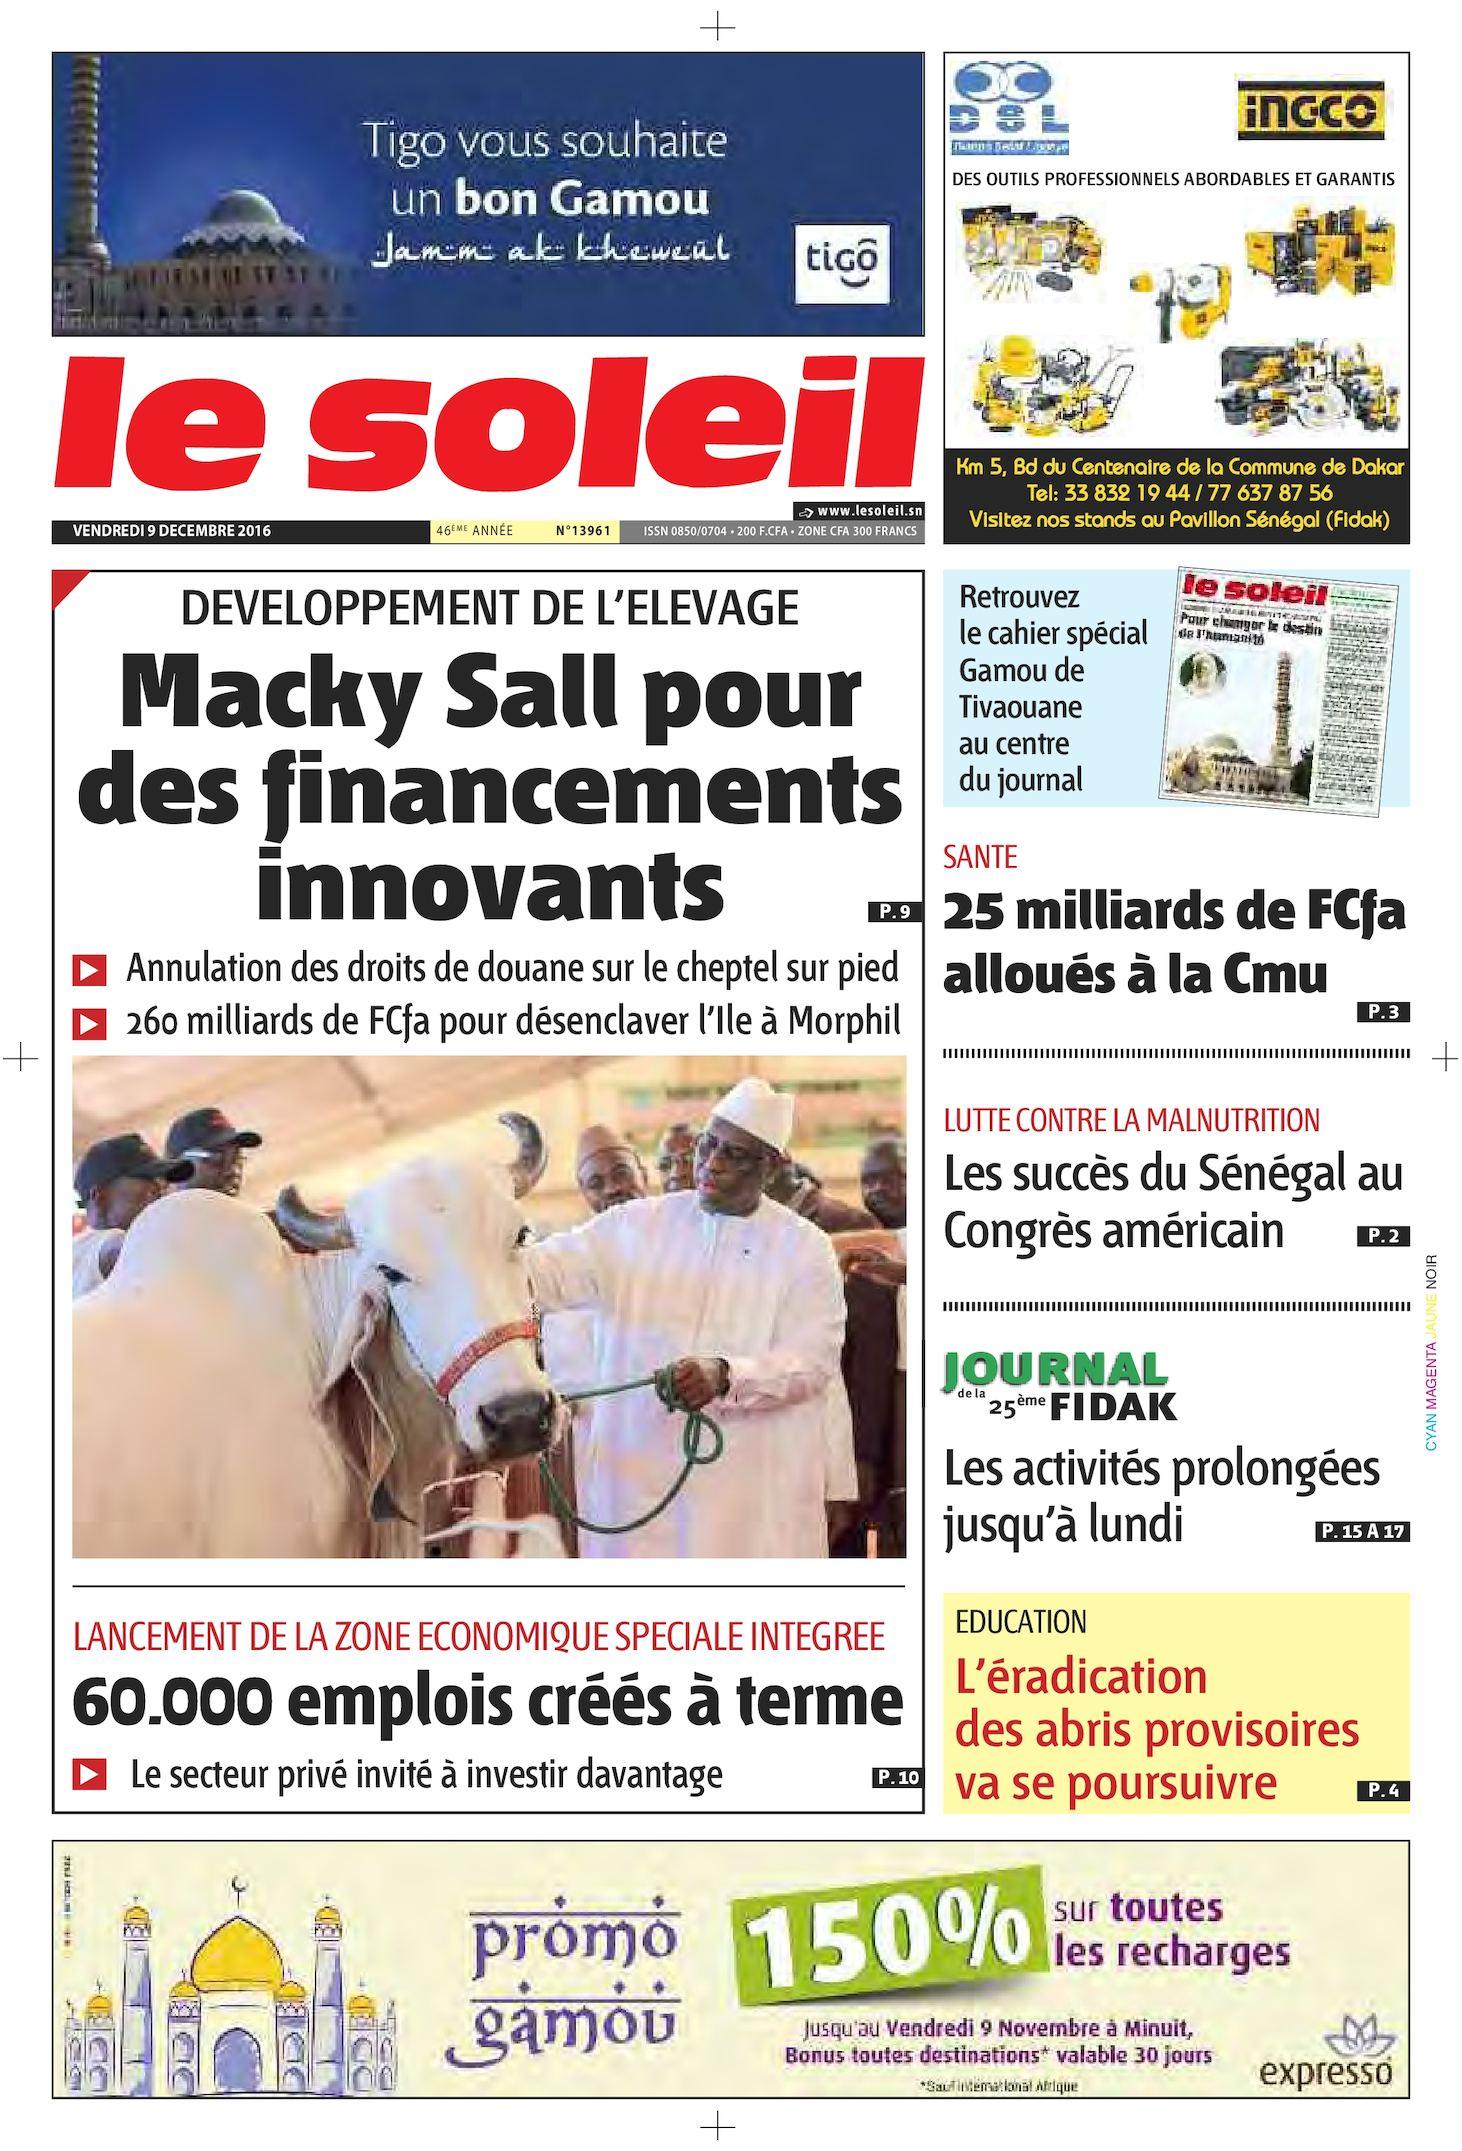 Grille r mun ration apprentissage bts - Grille remuneration contrat de professionnalisation ...